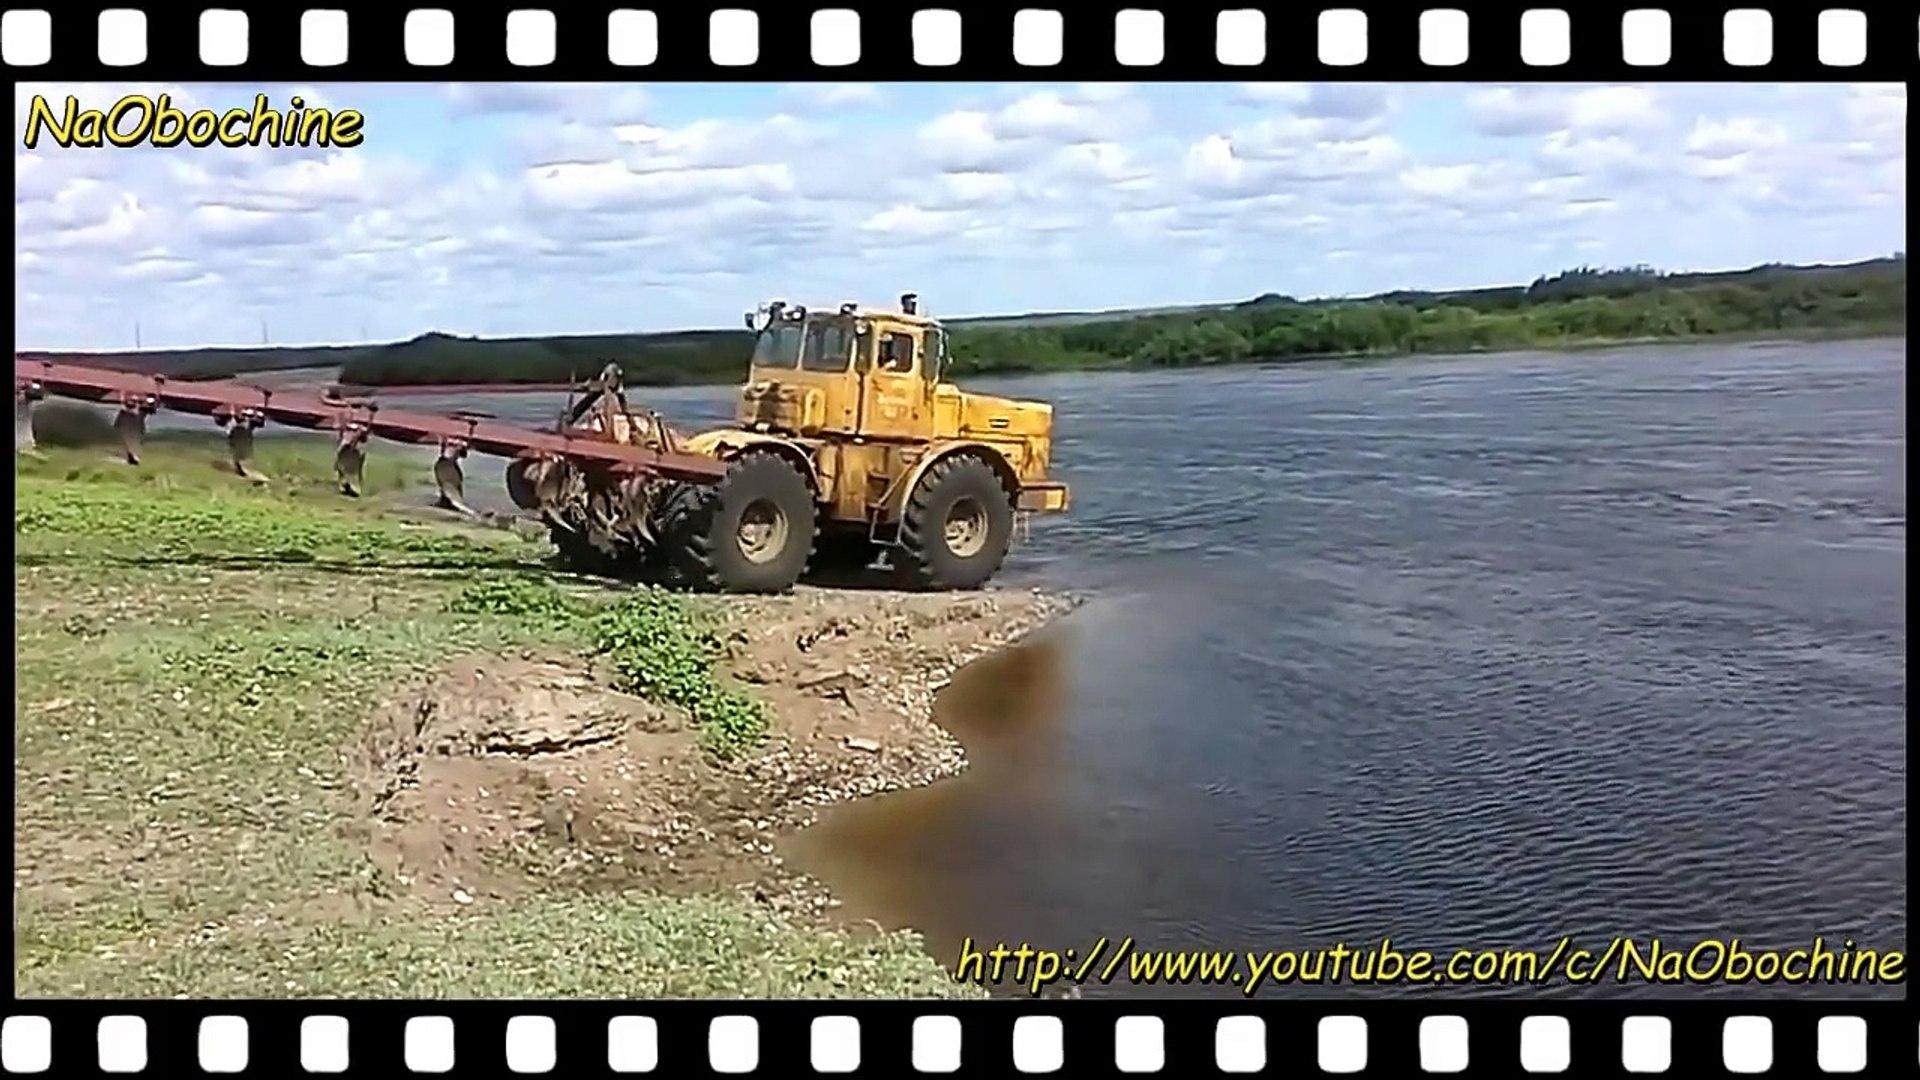 К-700, К-701 Кировец в воде и грязи! Глаза боятся а Кирюша (К-700) едет! Подборка